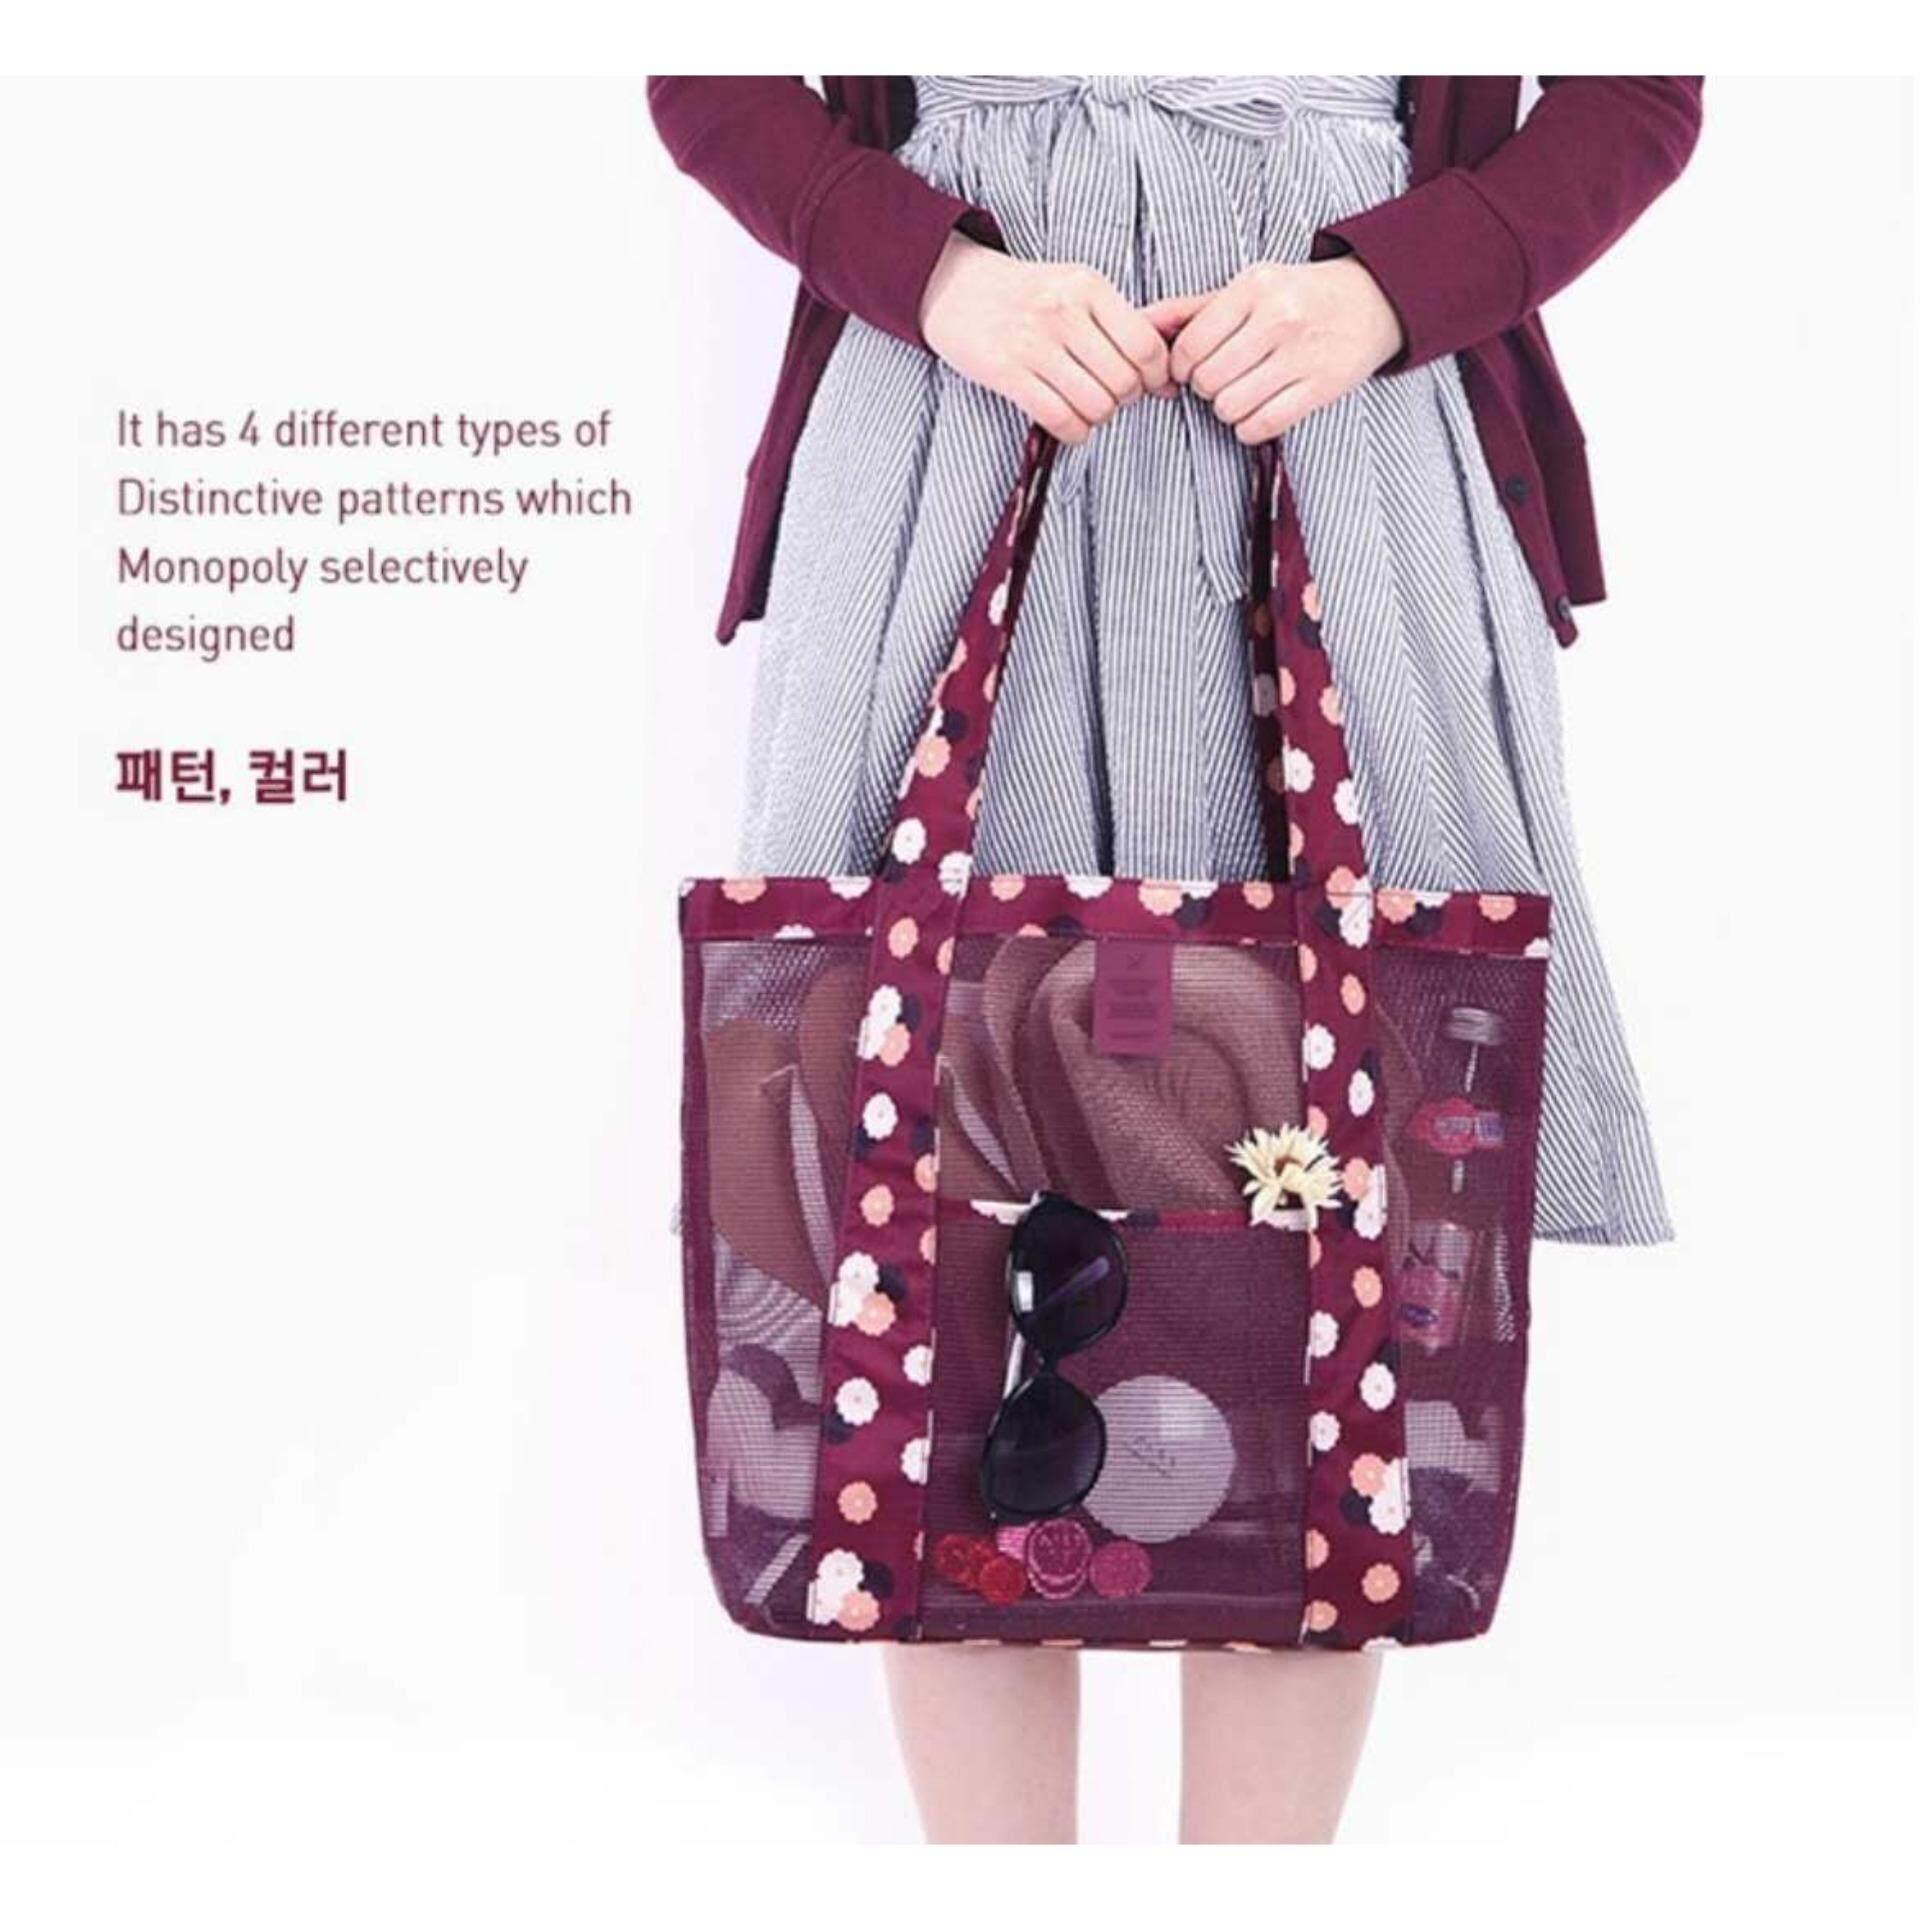 ขายดีมาก! กระเป๋าแฟชั่นสไตล์สาวเกาหลี ส่งไวส่งฟรีkerry